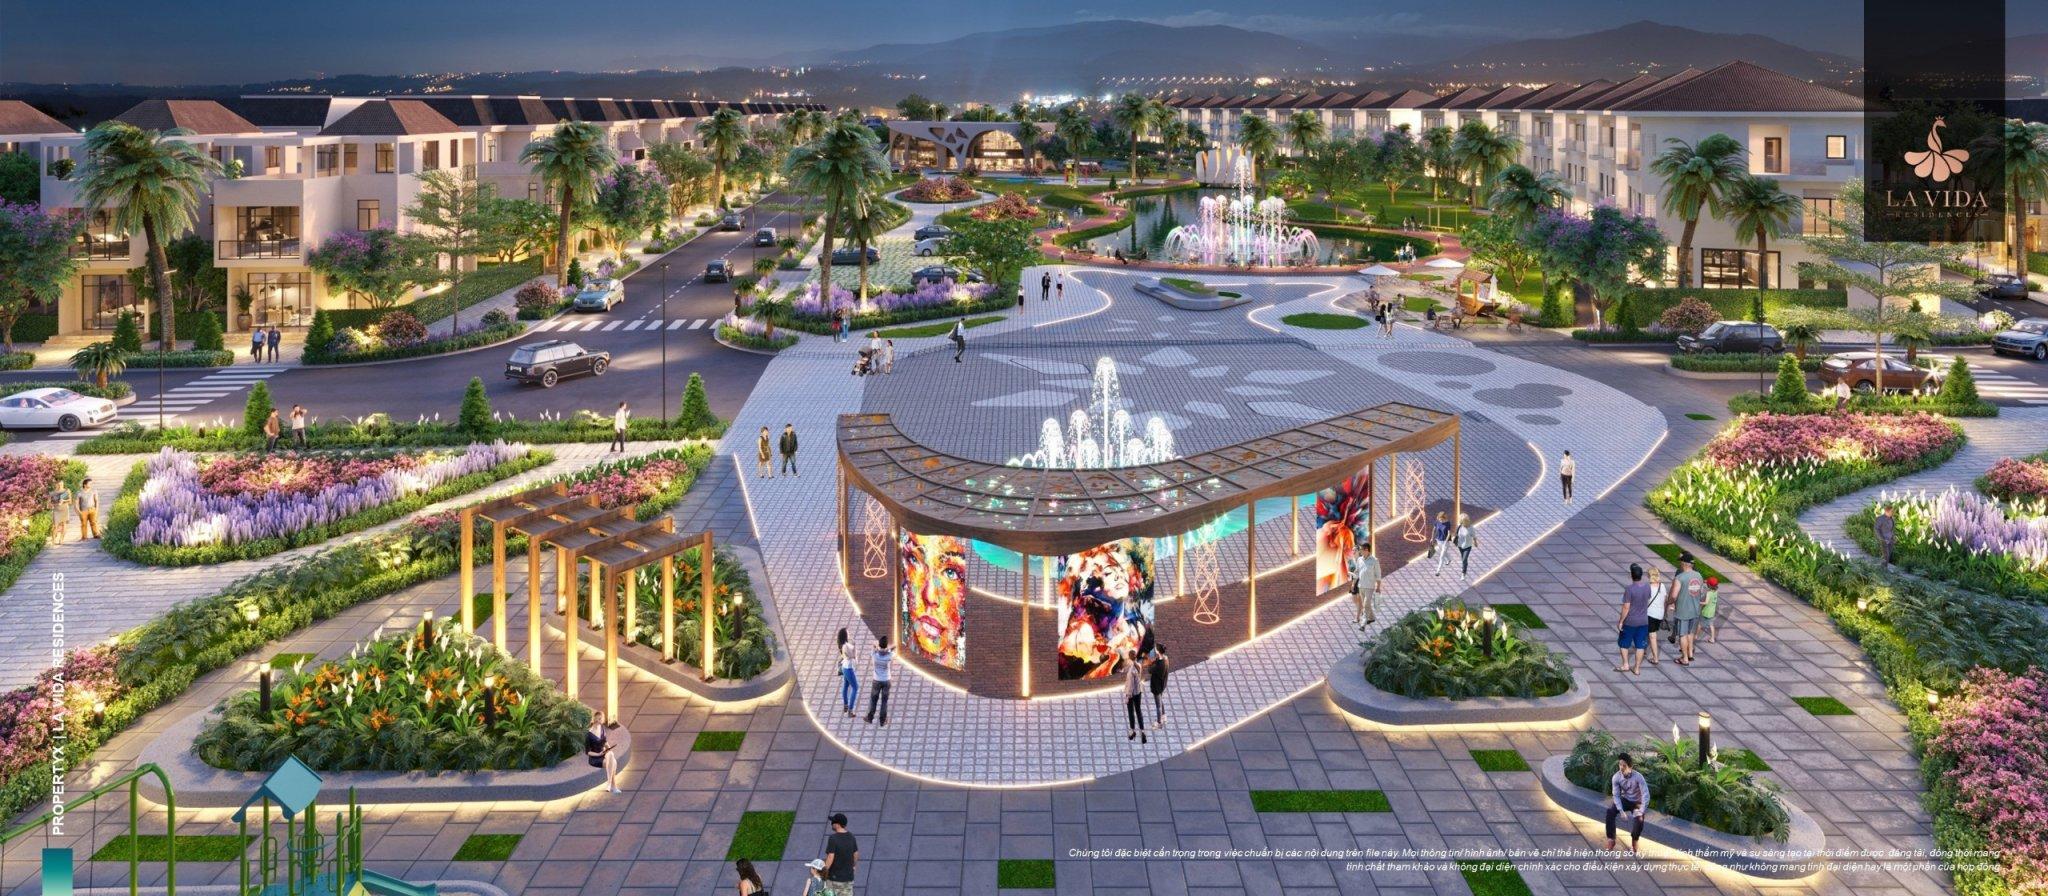 Quảng trường trung tâm tại Lavida REsidences Vũng Tàu